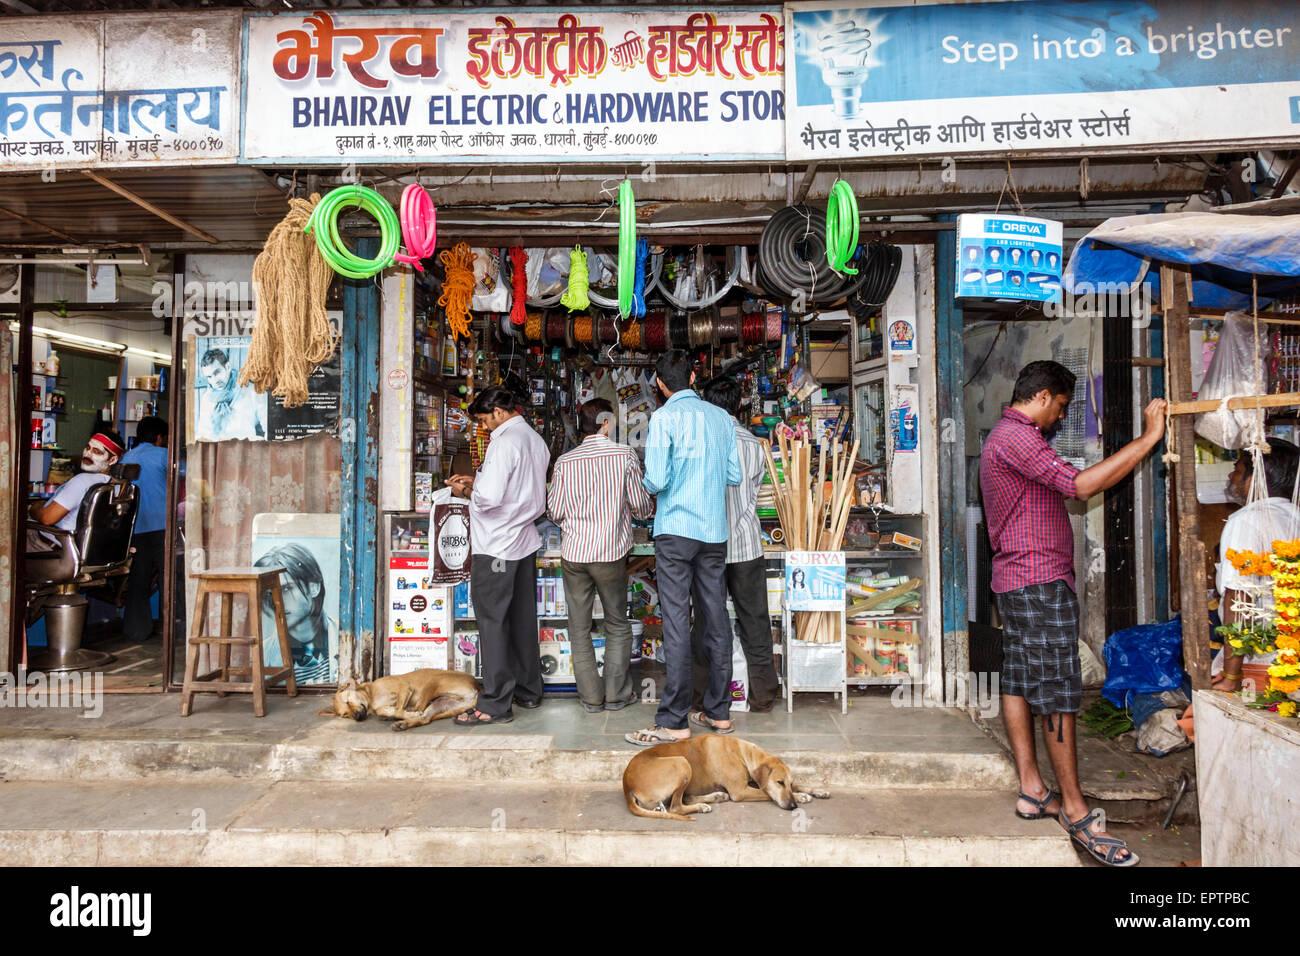 Baumarkt Auf Englisch mumbai indien asiatische dharavi shahu nagar straße kleinunternehmen